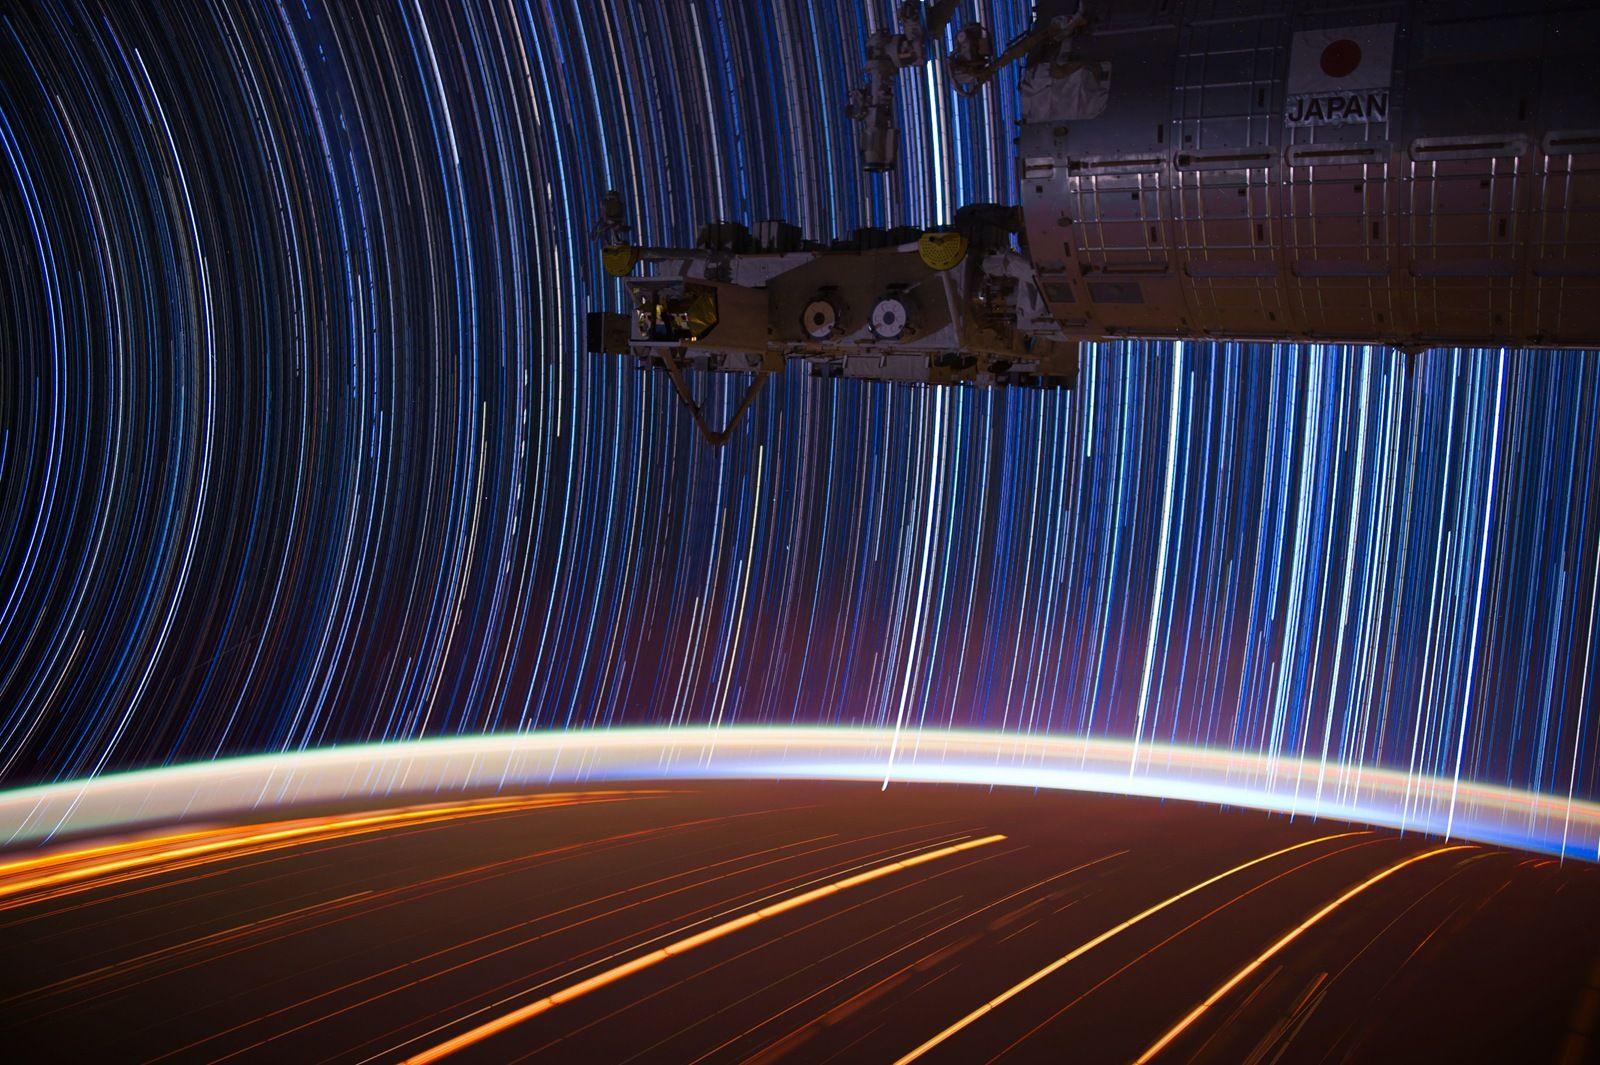 Star trails fra ISS, satt sammen fra flere lange eksponeringer.Foto: Donald Pettit/NASA, Public Domain